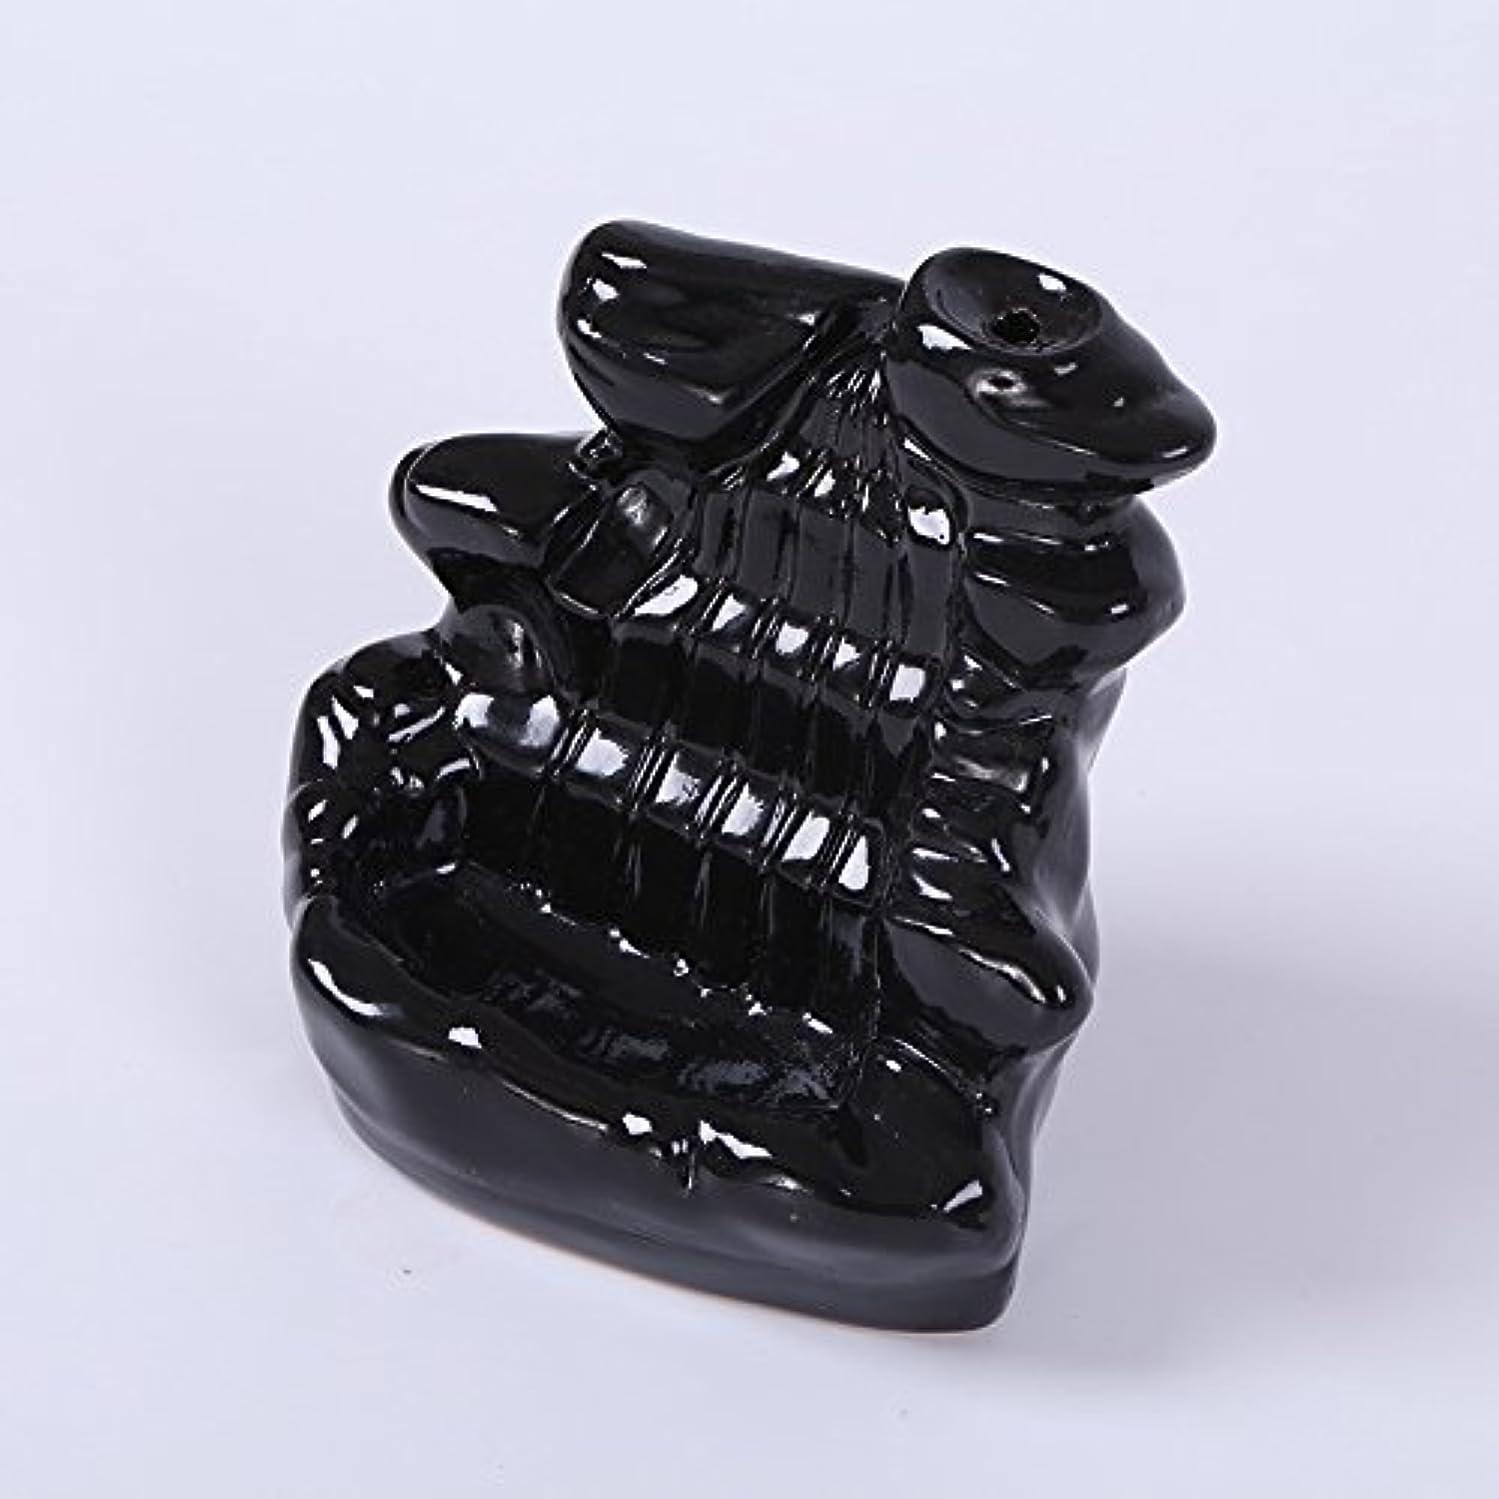 ハンサムルアーチートKicode ブラック 滝の磁器の逆流 セラミックコーン 香炉 ホルダー仏教ホームオフィスデコレーション